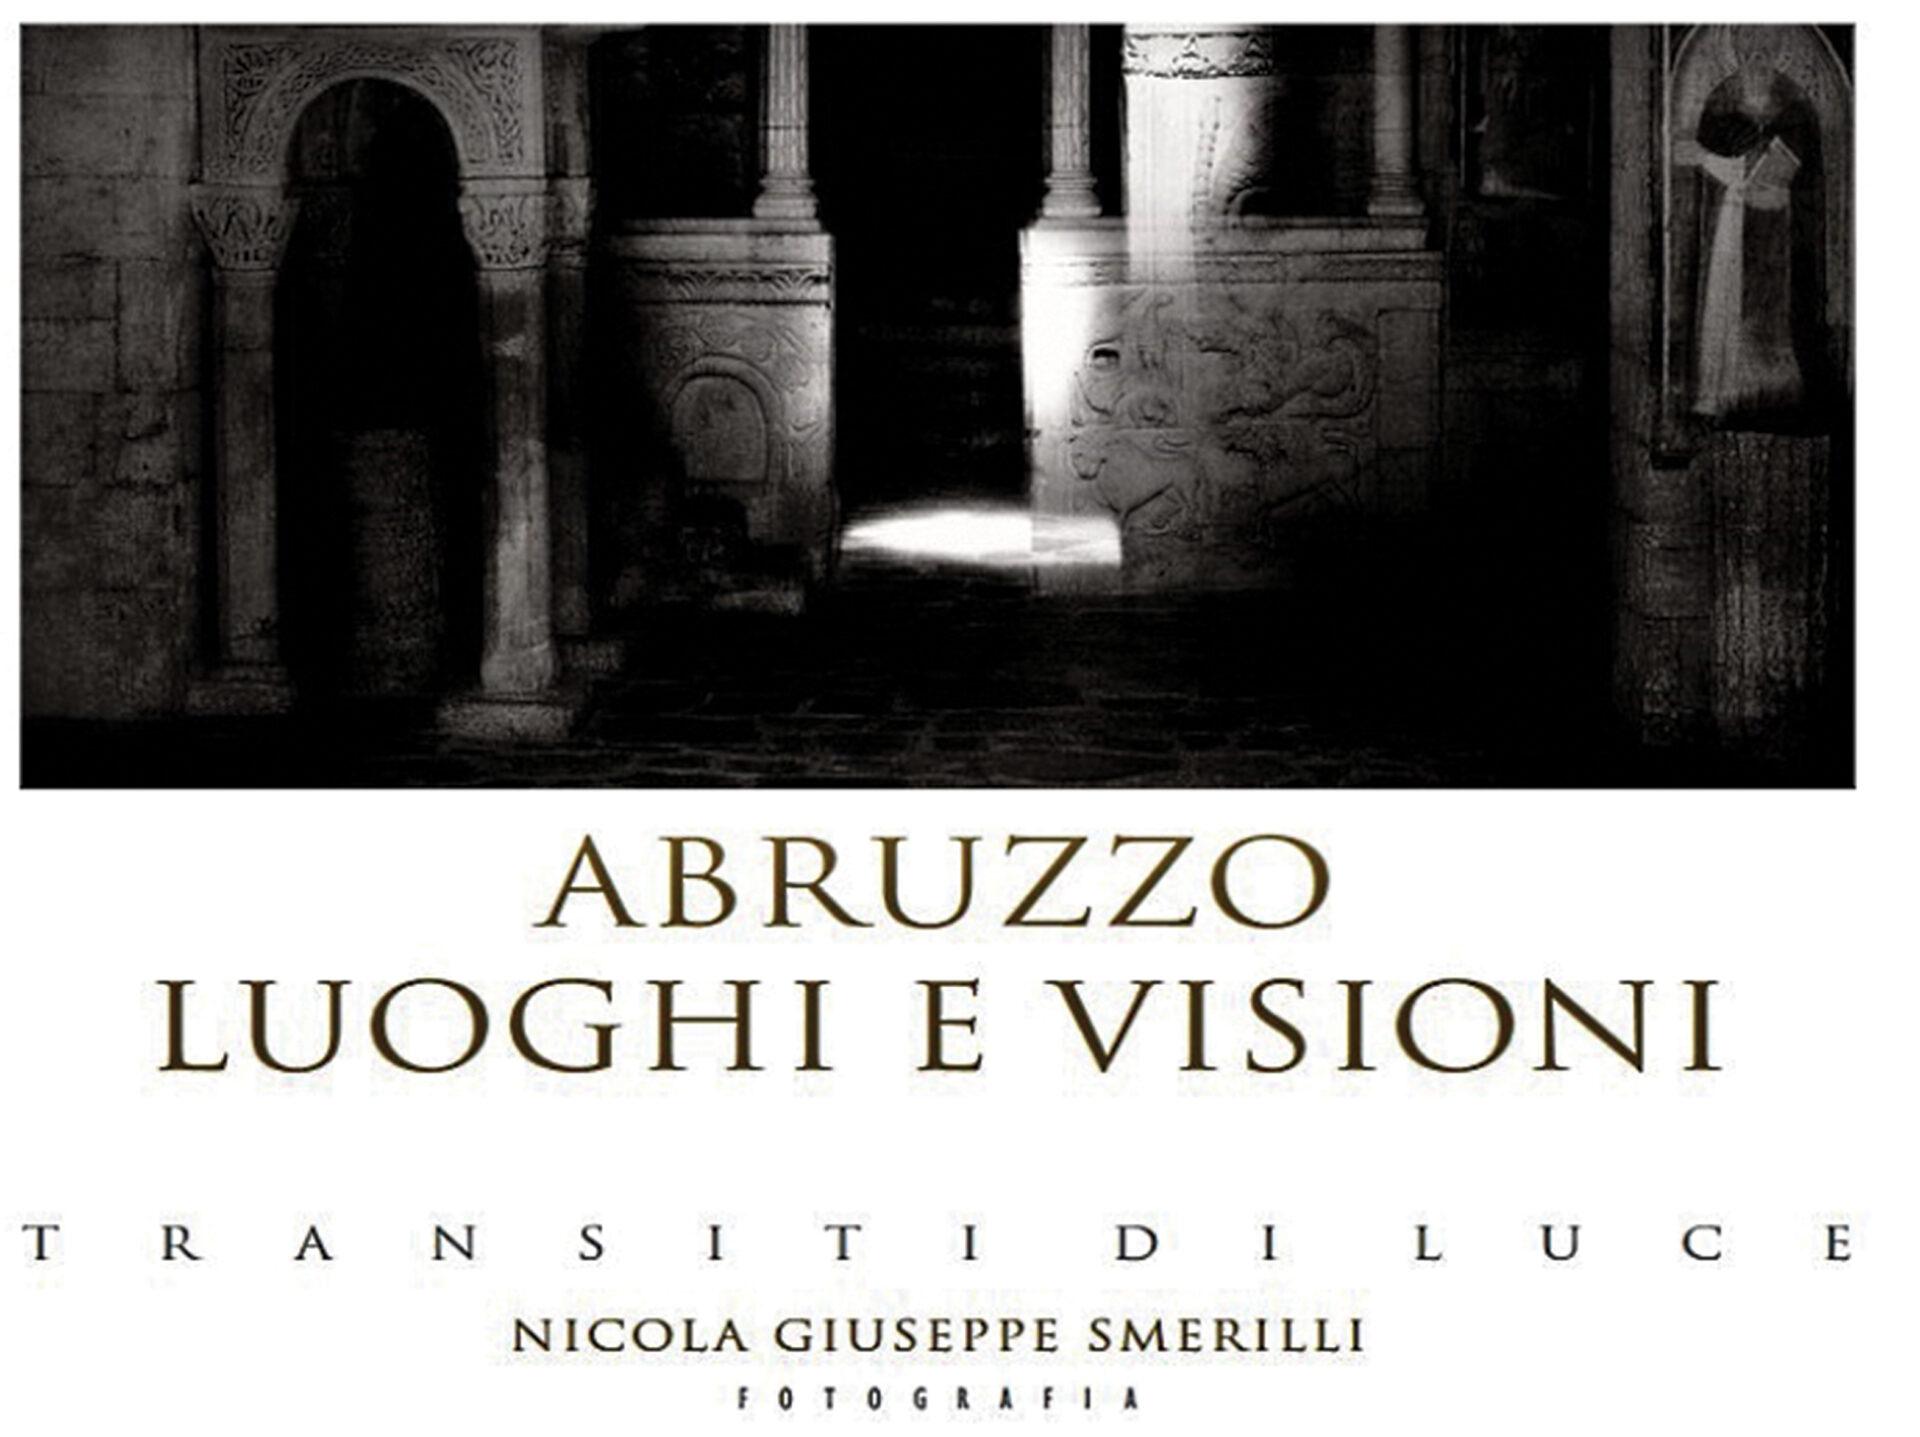 Nicola Giuseppe Smerilli*, Abruzzo Luoghi e Visioni – Transiti di Luce (Pierpaolo Bellucci editore, 2021)